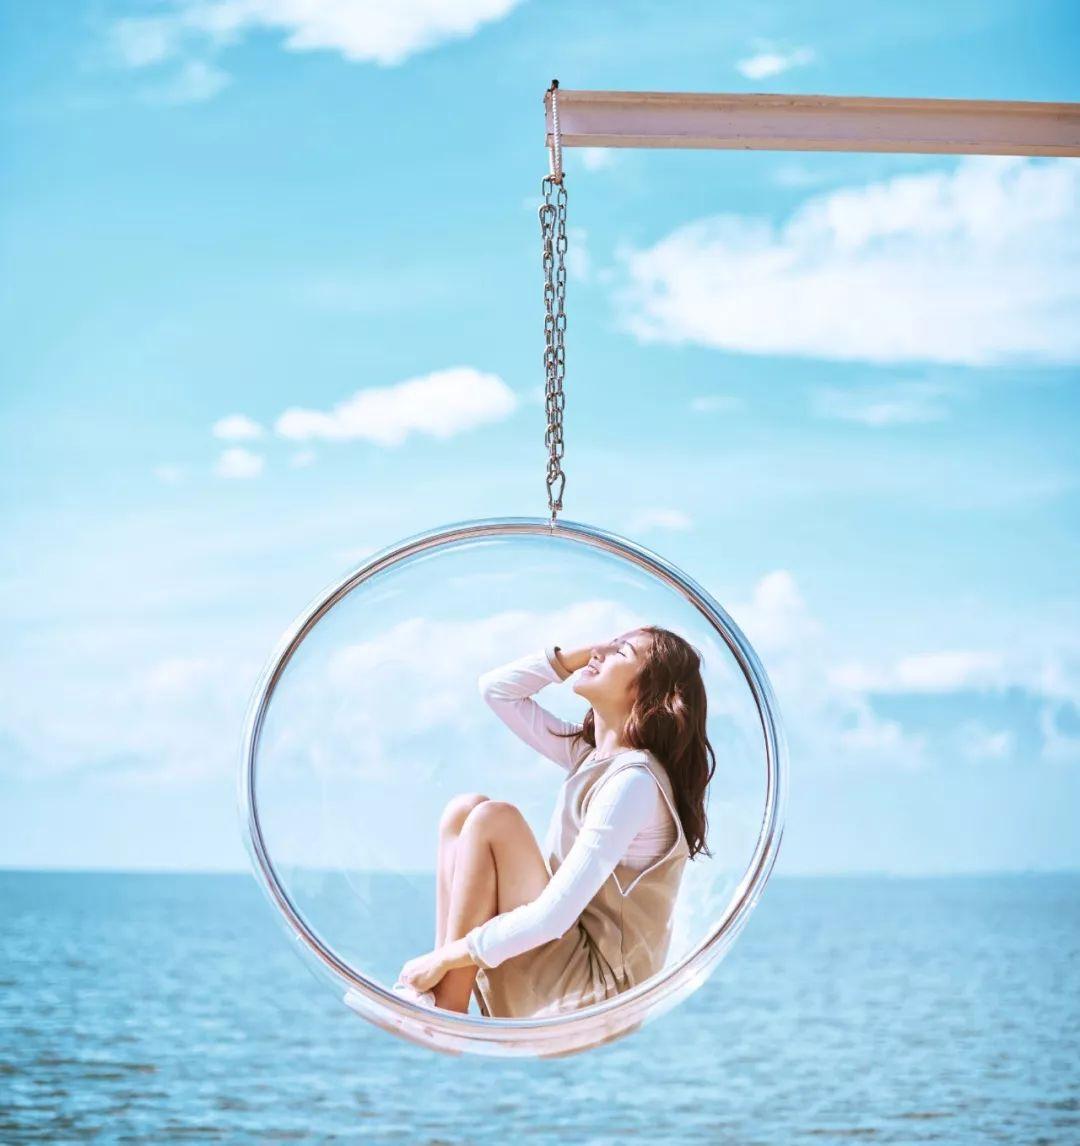 除了美景   不少特别的道具   也能让照片增加不少亮点   1,玻璃球图片